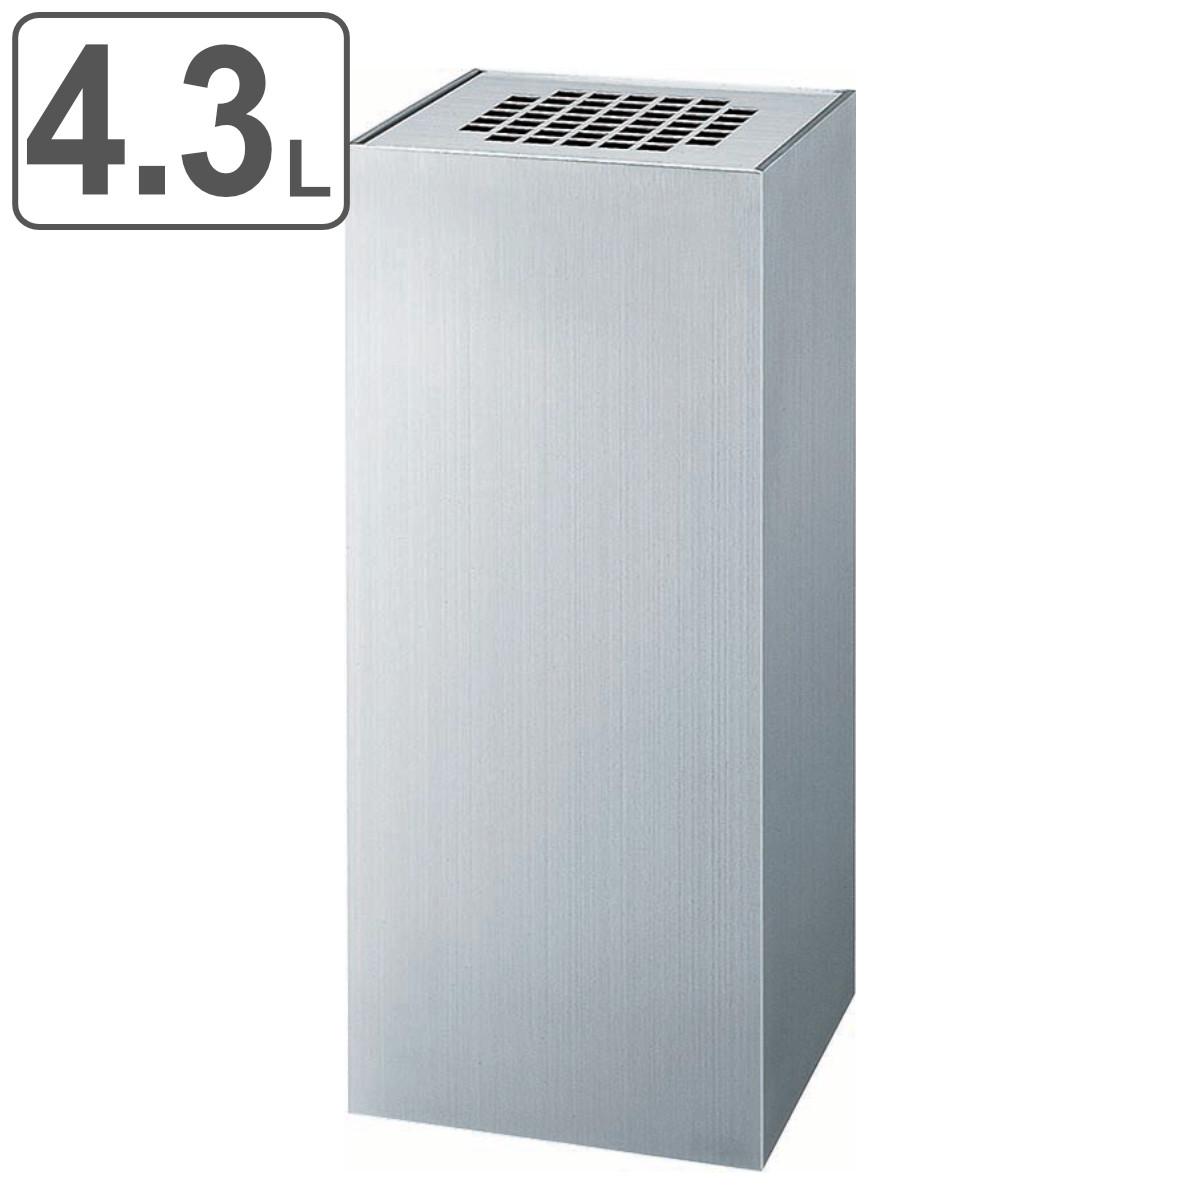 屋内用灰皿 スモーキング KL-250 ステンレスヘアーライン ( スタンド灰皿 山崎産業 送料無料 )